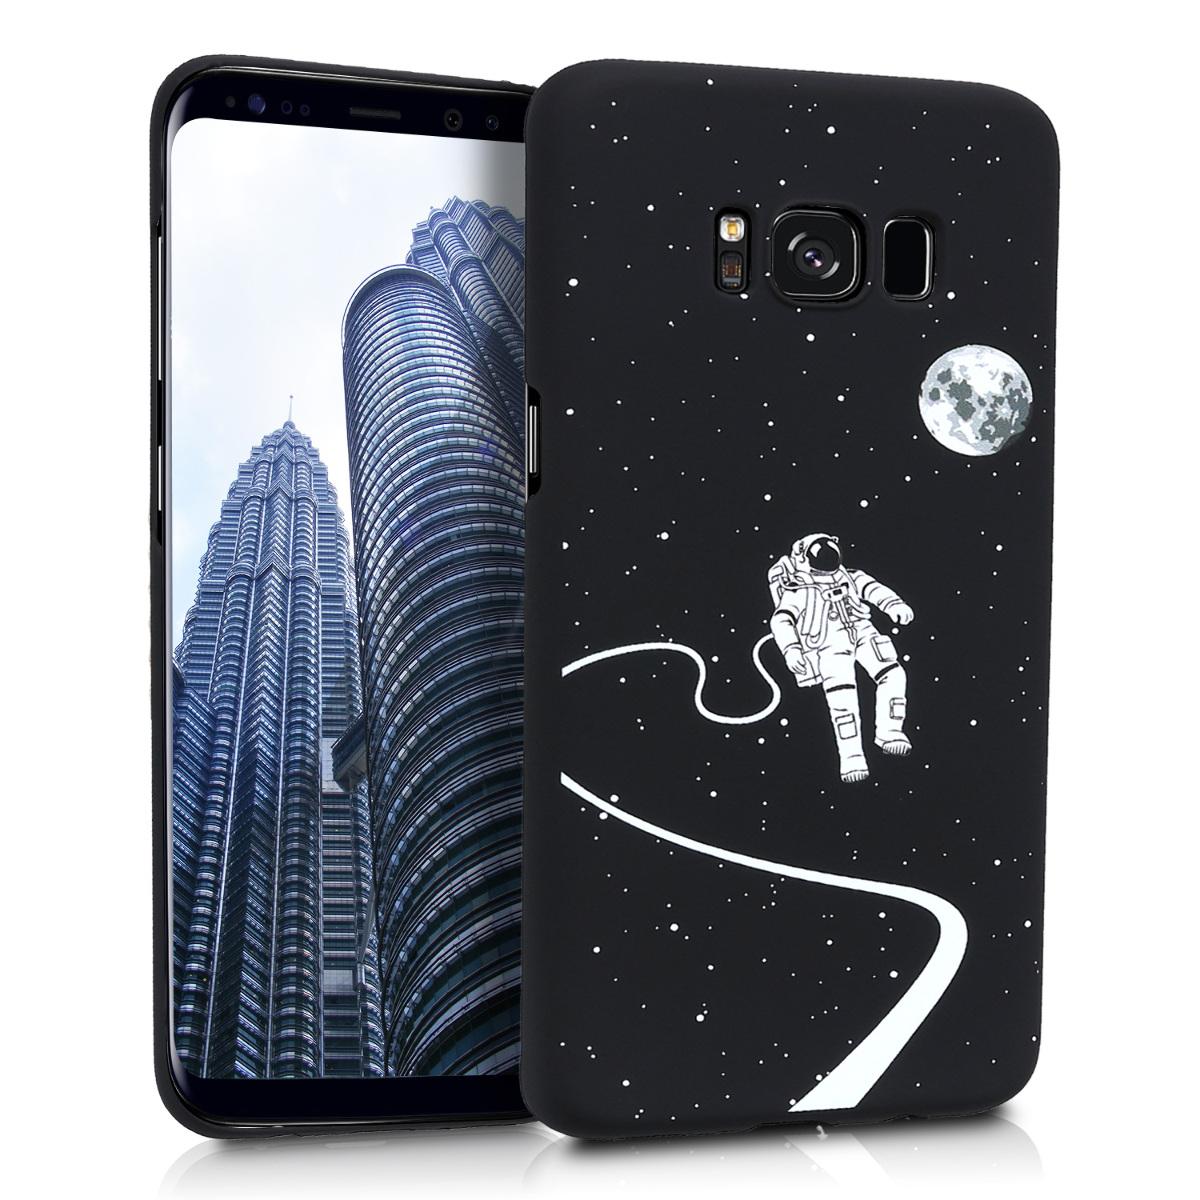 KW Slim Anti-Slip Cover - Σκληρή Θήκη Καουτσούκ Samsung Galaxy S8 - Μαύρο - Αστροναύτης (44082.02)